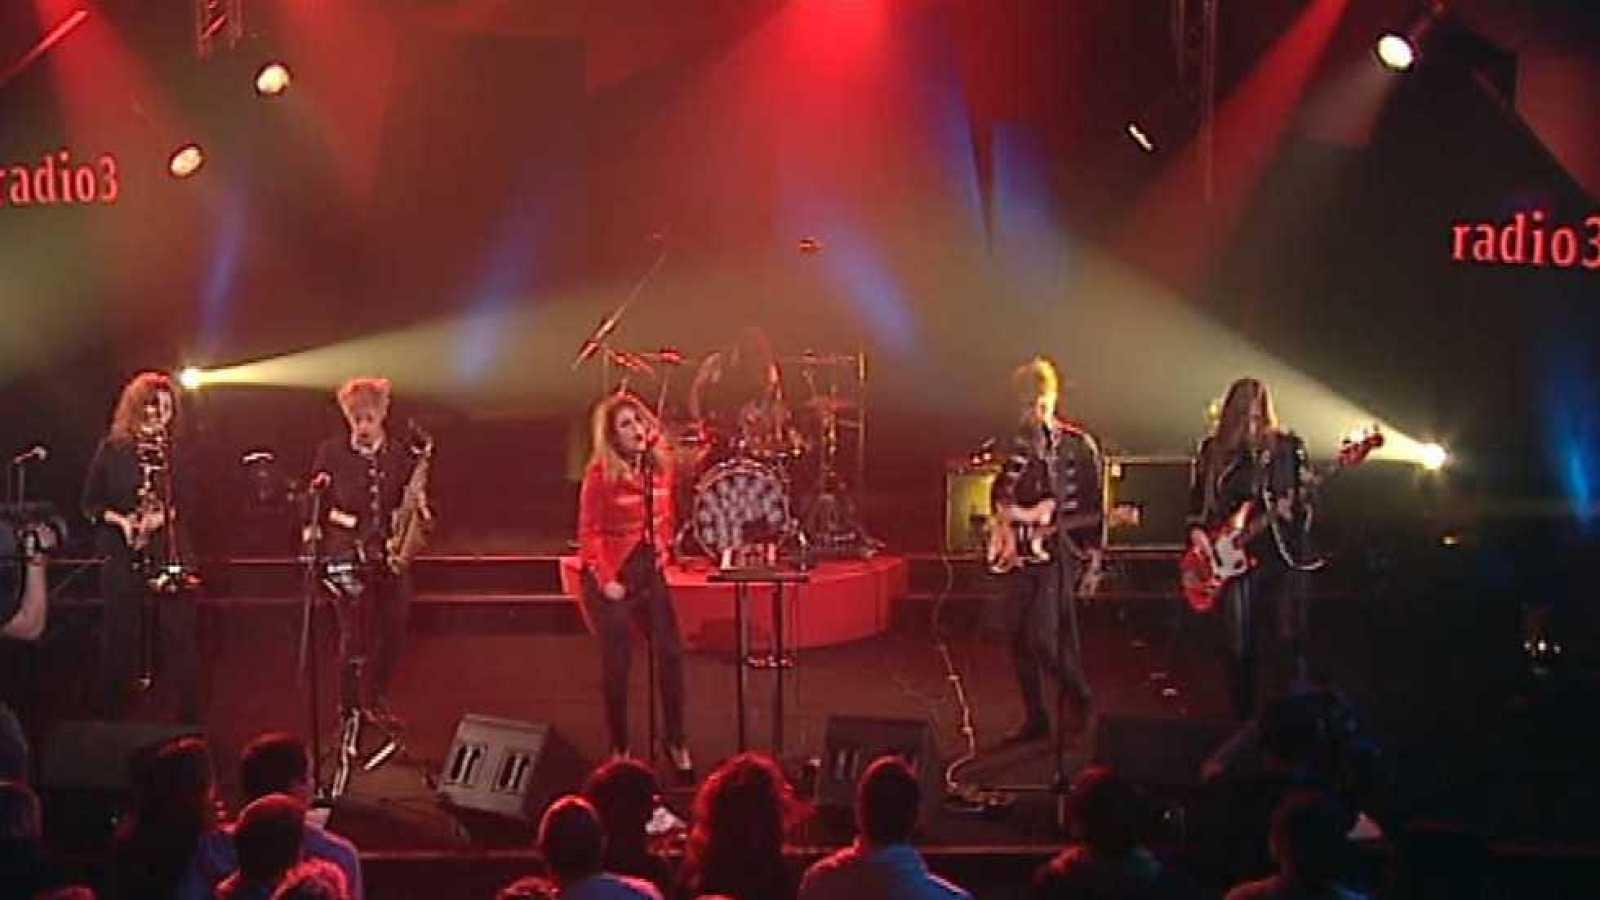 Los conciertos de Radio 3 - The Grooves - ver ahora